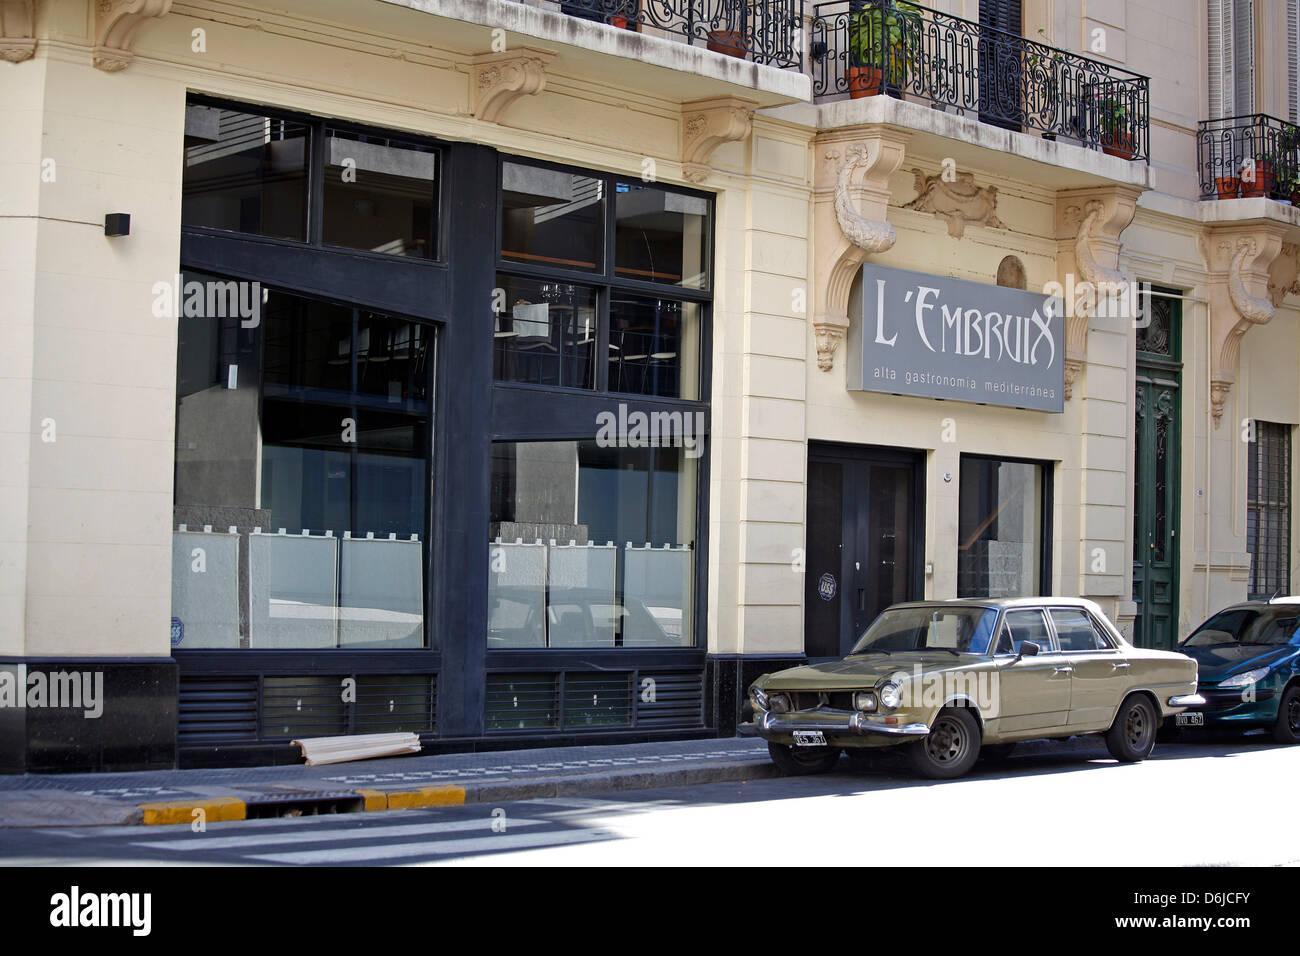 (Archivo) - Un archivo de imagen, de fecha 16 de noviembre de 2008, muestra una vendimia coche aparcado en la calle, Foto de stock